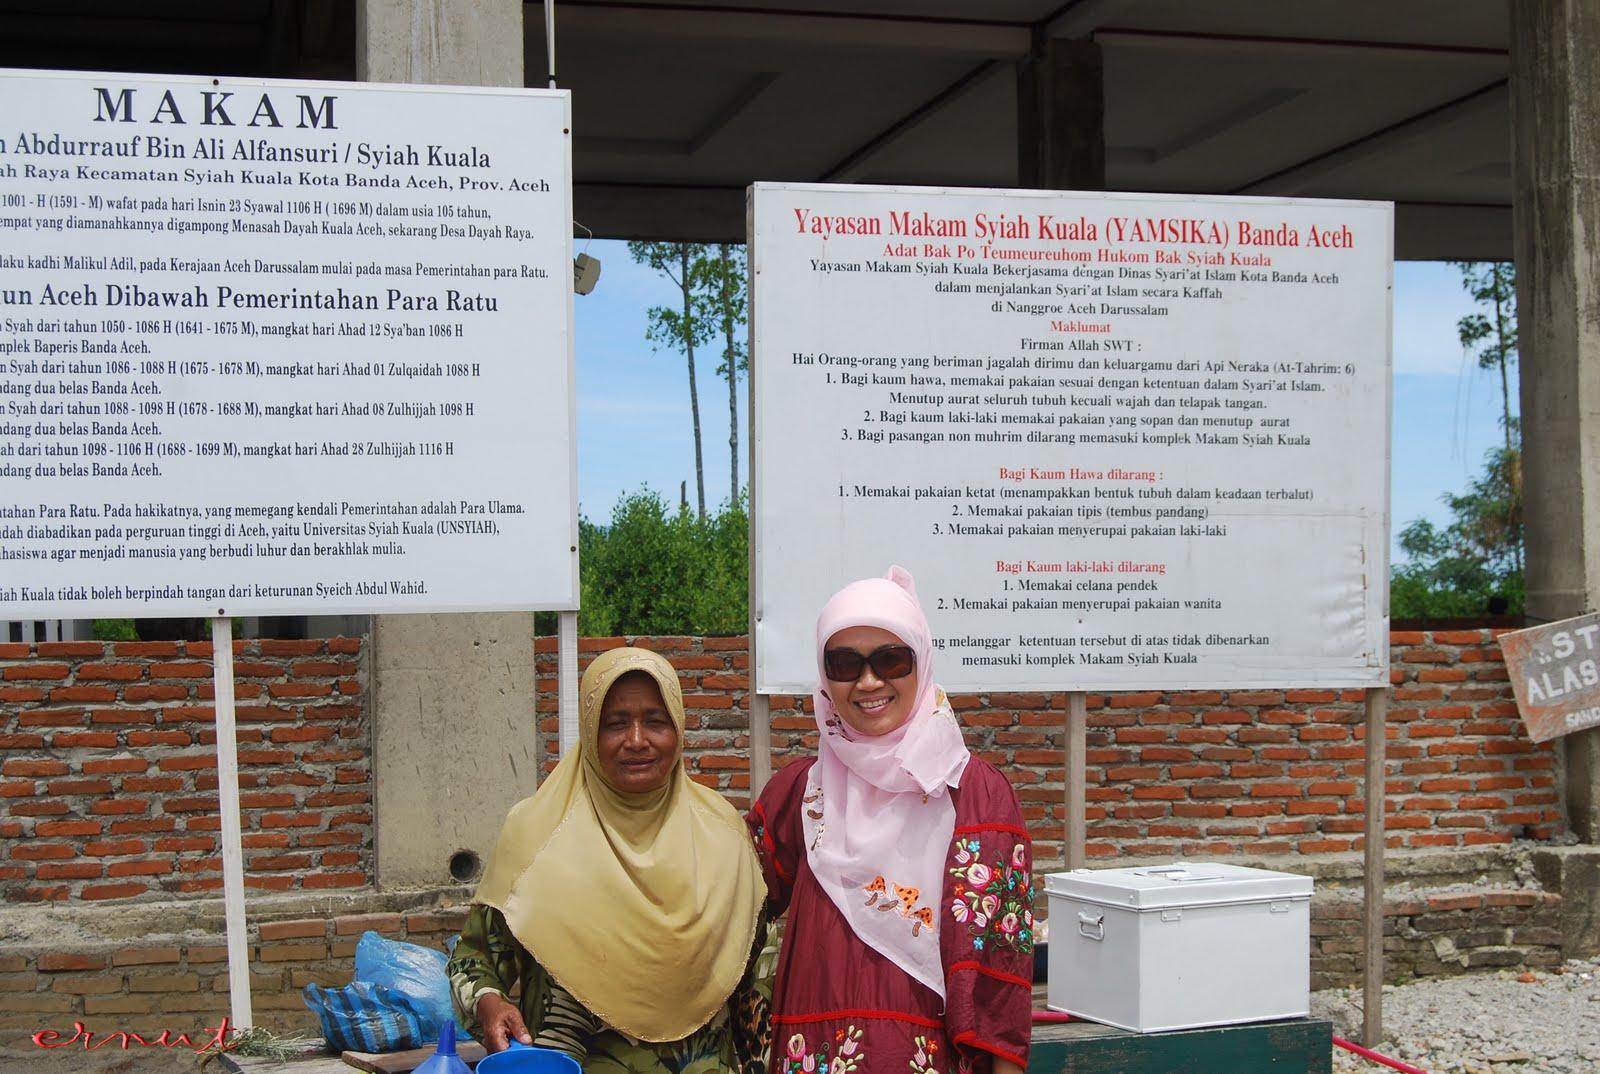 Bala Kurawa Ernut Makam Syiah Kuala Lingkungan Tersebut Sumber Air